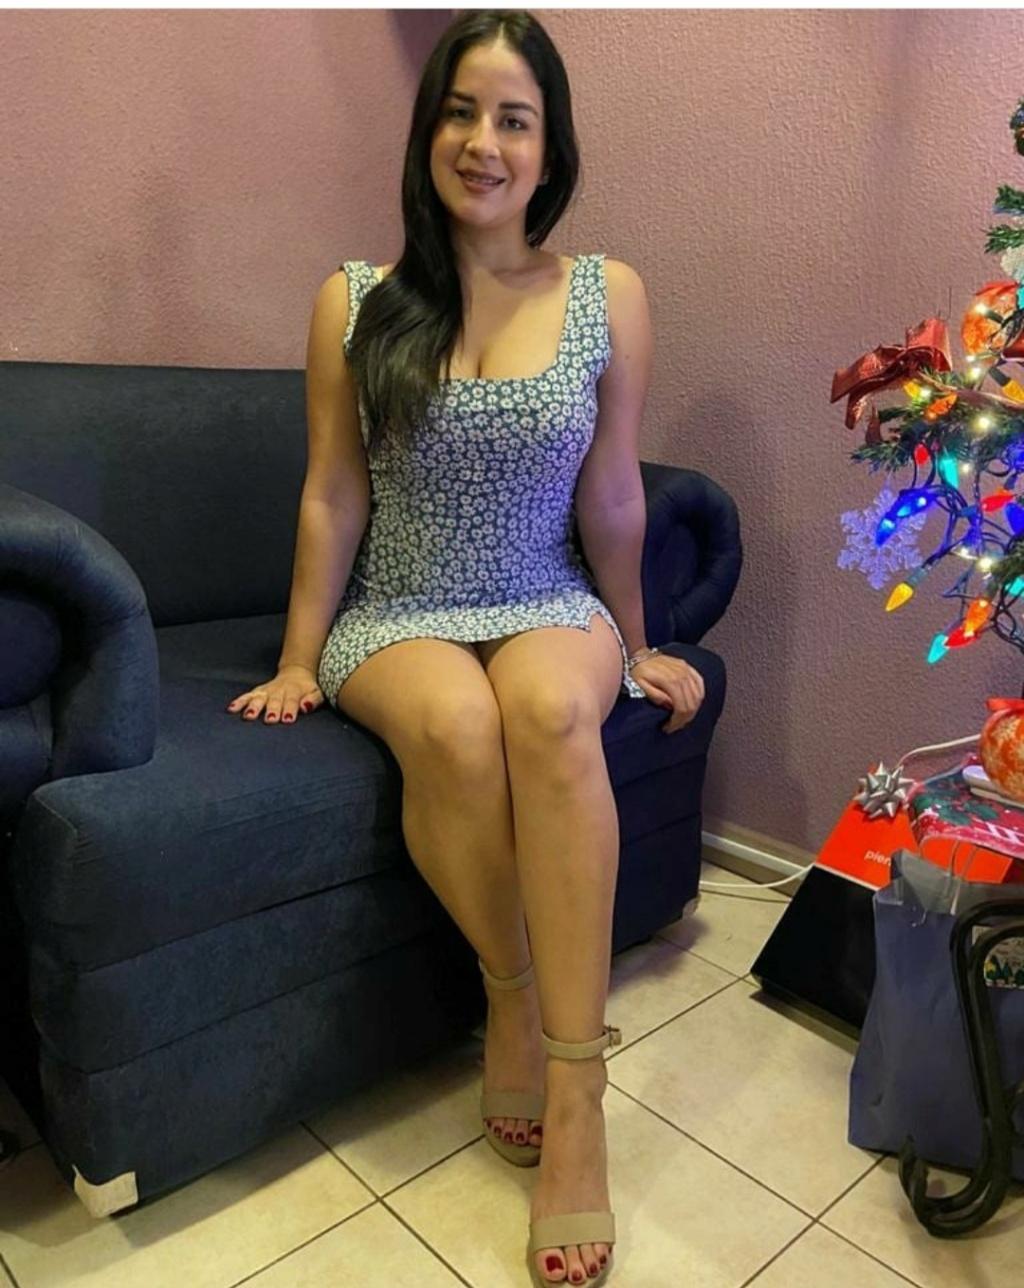 DEBATE sobre belleza, guapura y hermosura (fotos de chicas latinas, mestizas, y de todo) - VOL II - Página 14 Img_1637